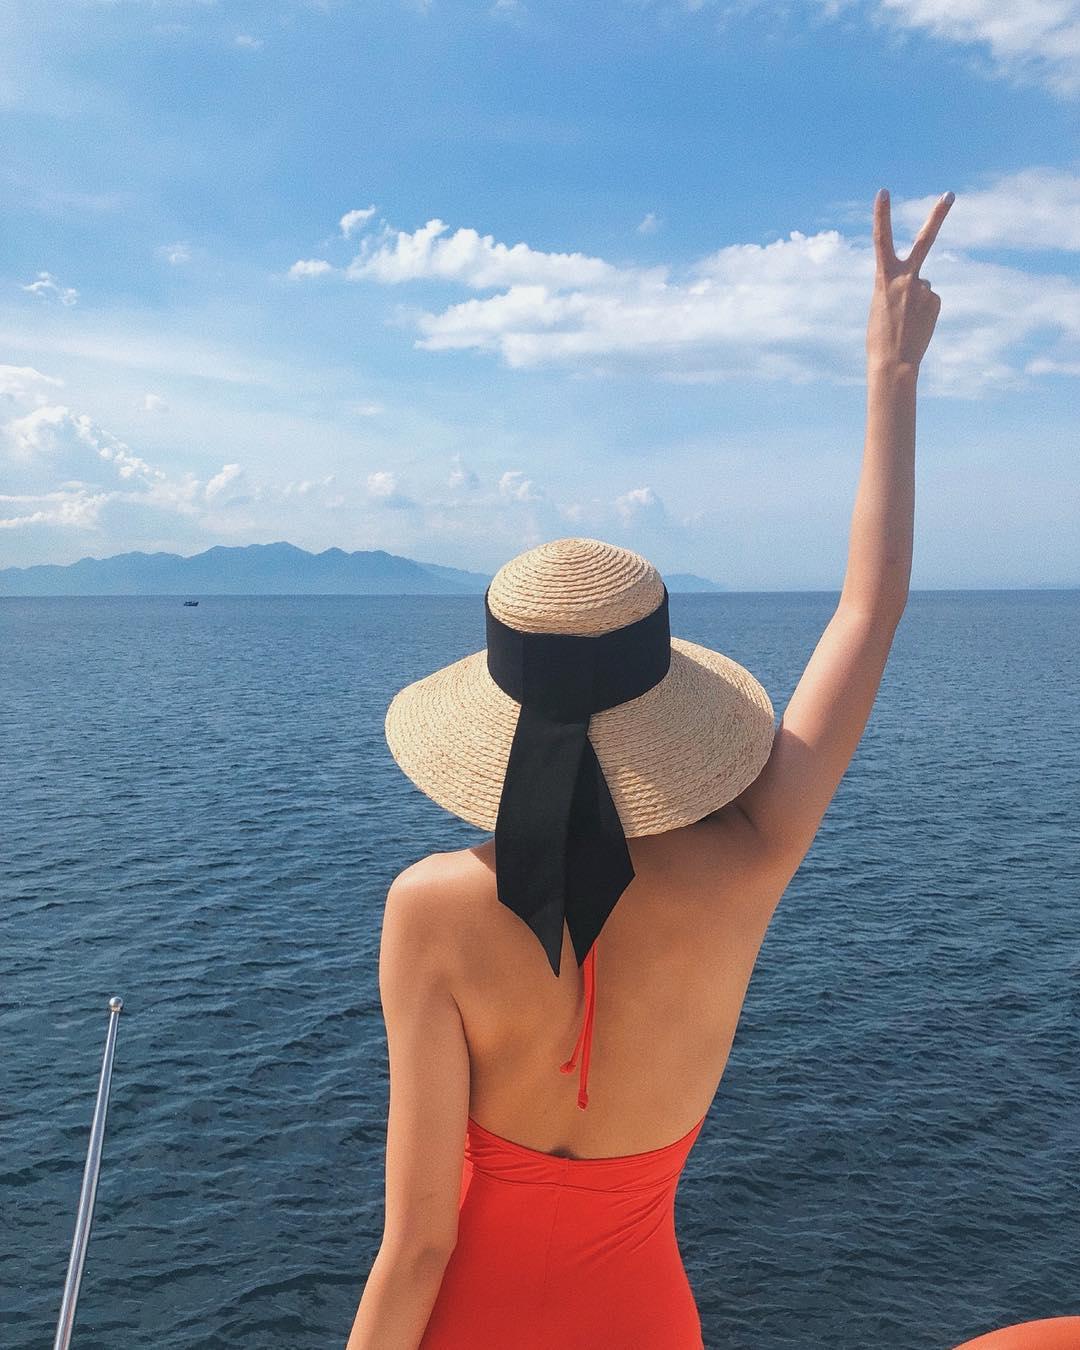 Mũ rộng vành chống nắng khi đi biển. Hình: Sưu tầm